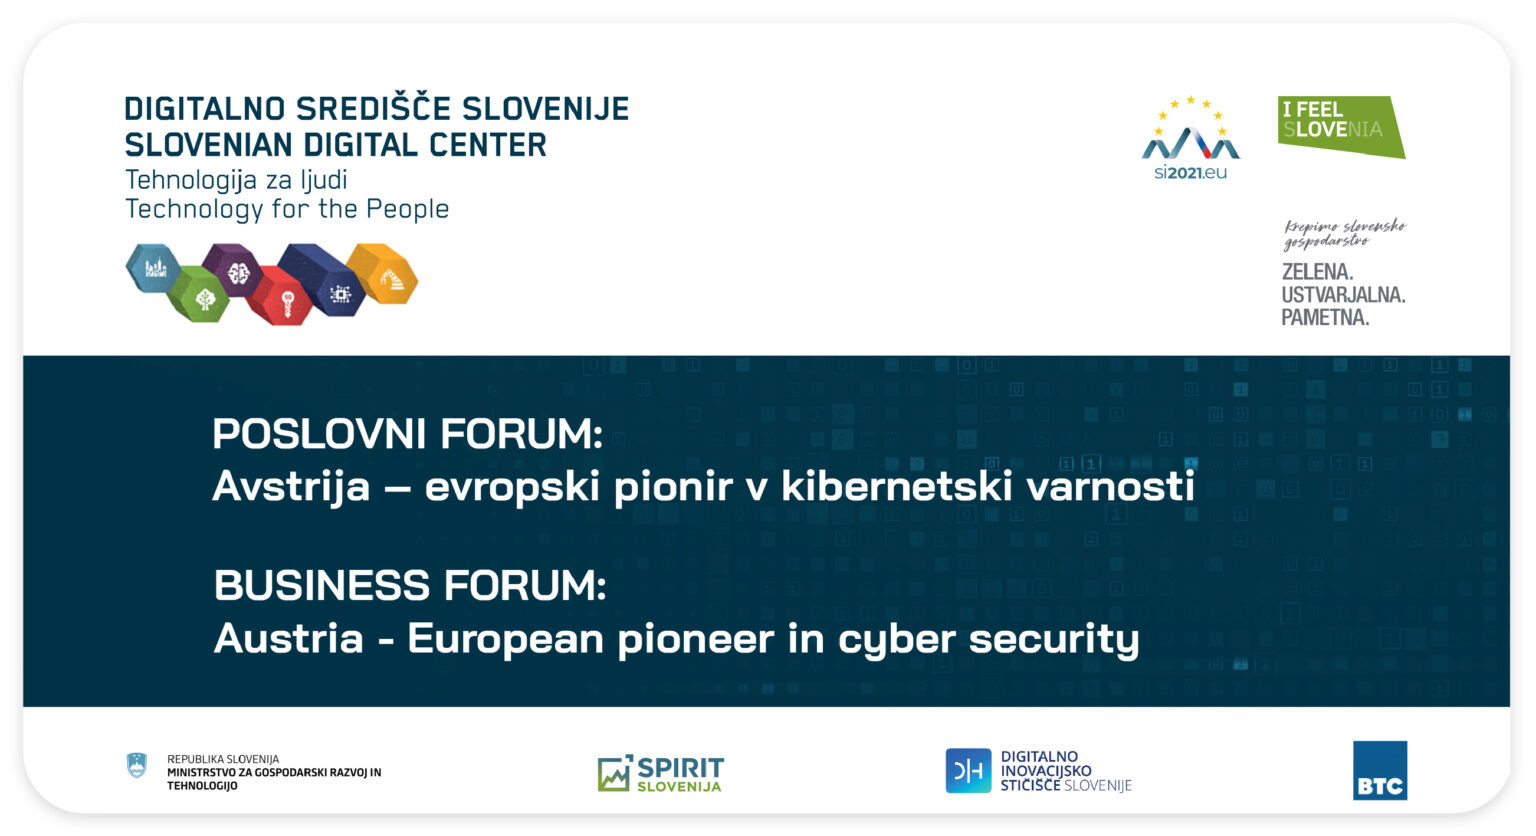 67 Spletna Stran Poslovni Forum Avstrija b 1536x836